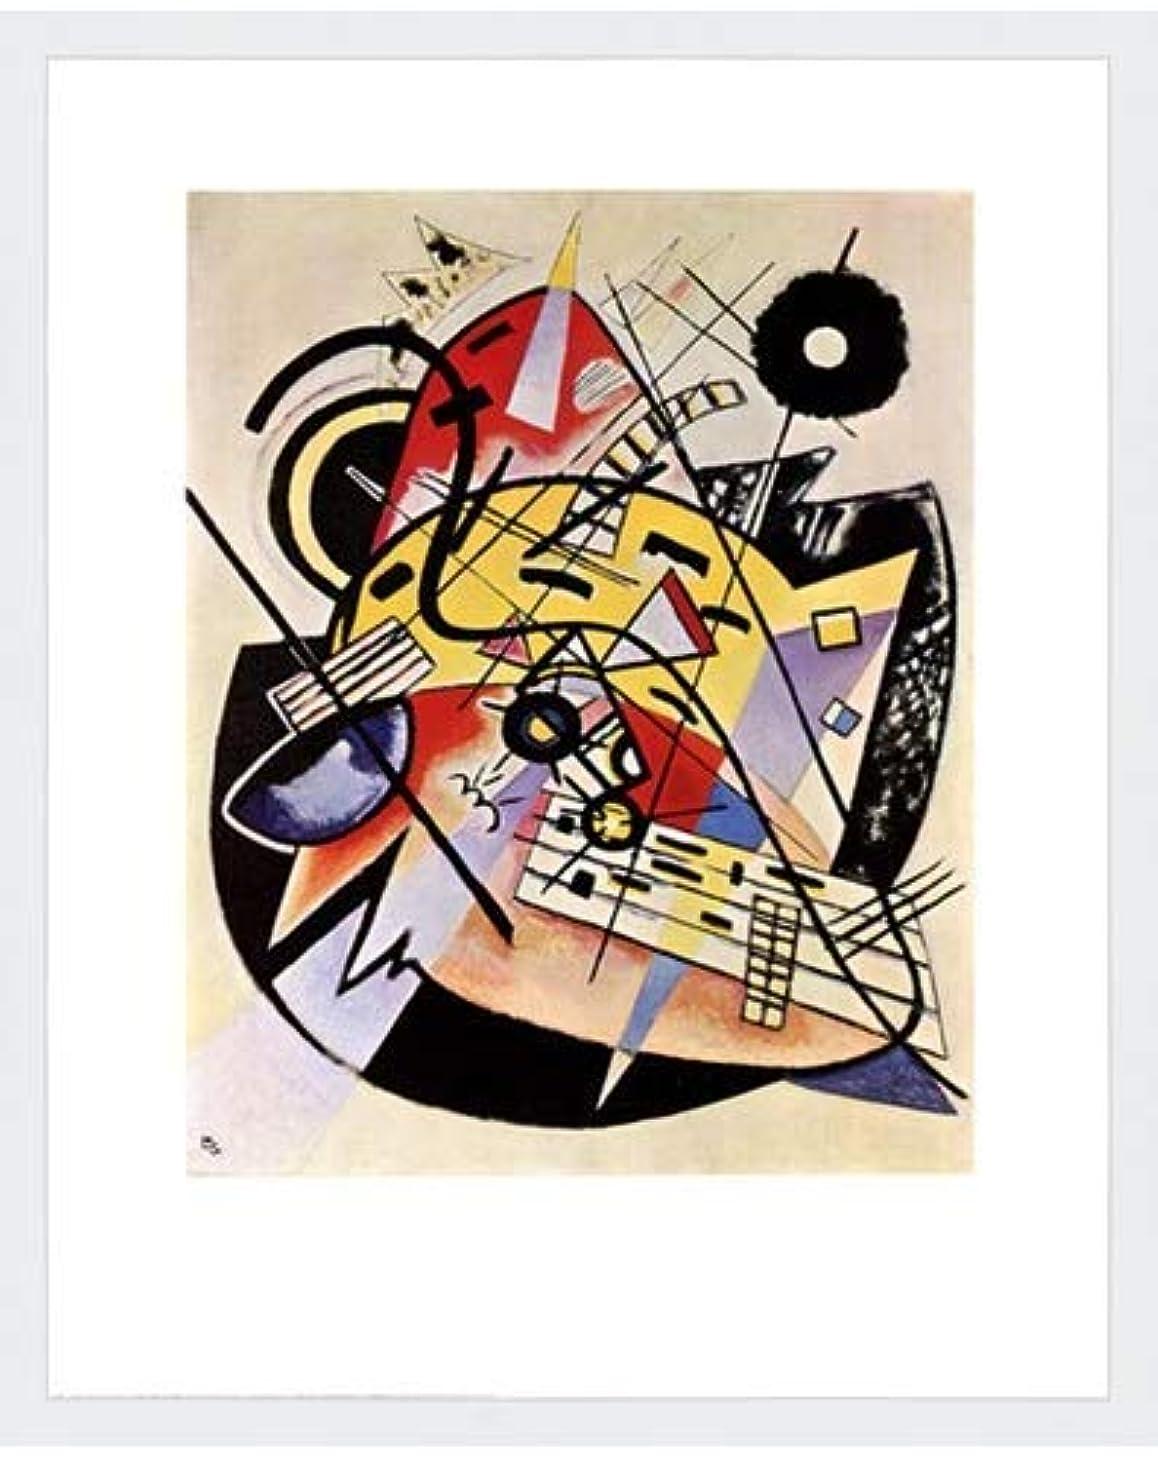 バックグラウンドそっと市場ホワイトドットby Wassily Kandinsky – 22 x 28インチ – アートプリントポスター LE_26464-F8989-22x28